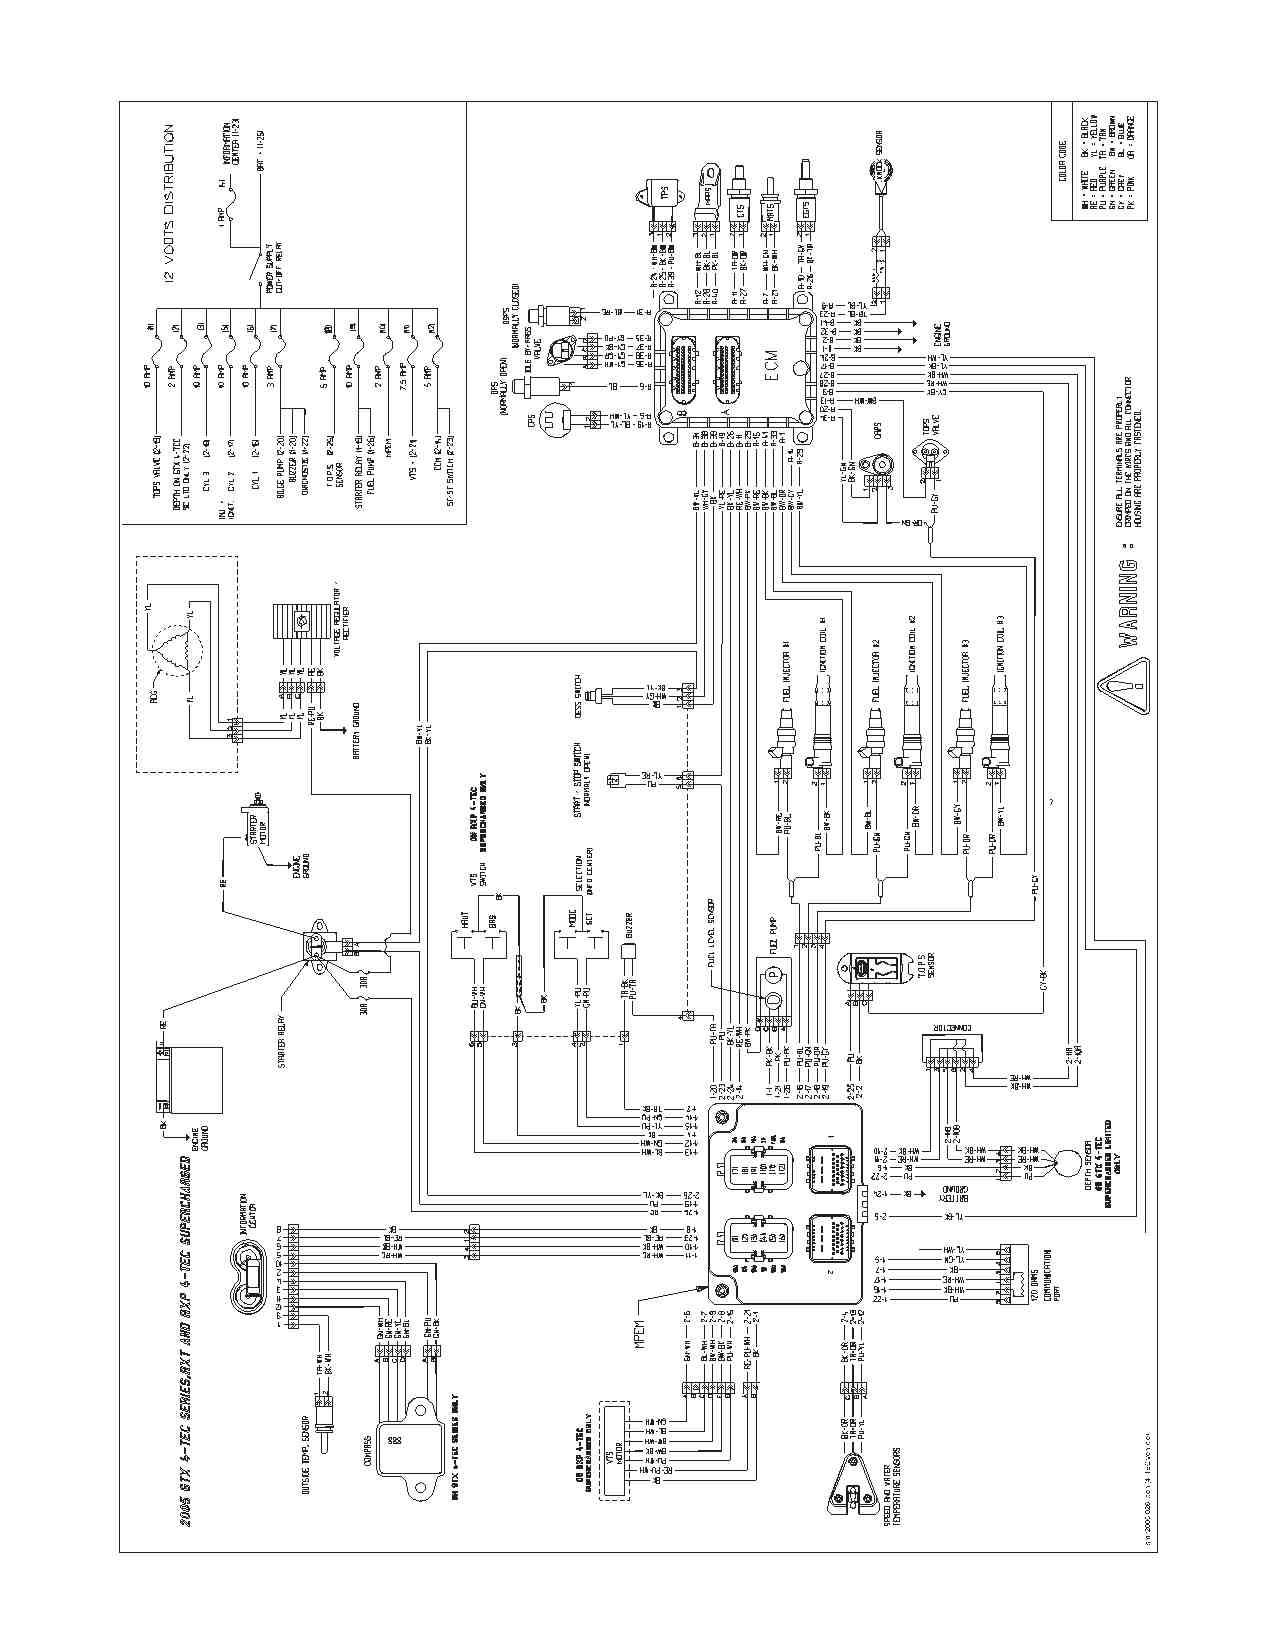 1993 Seadoo Spx Wiring Diagram